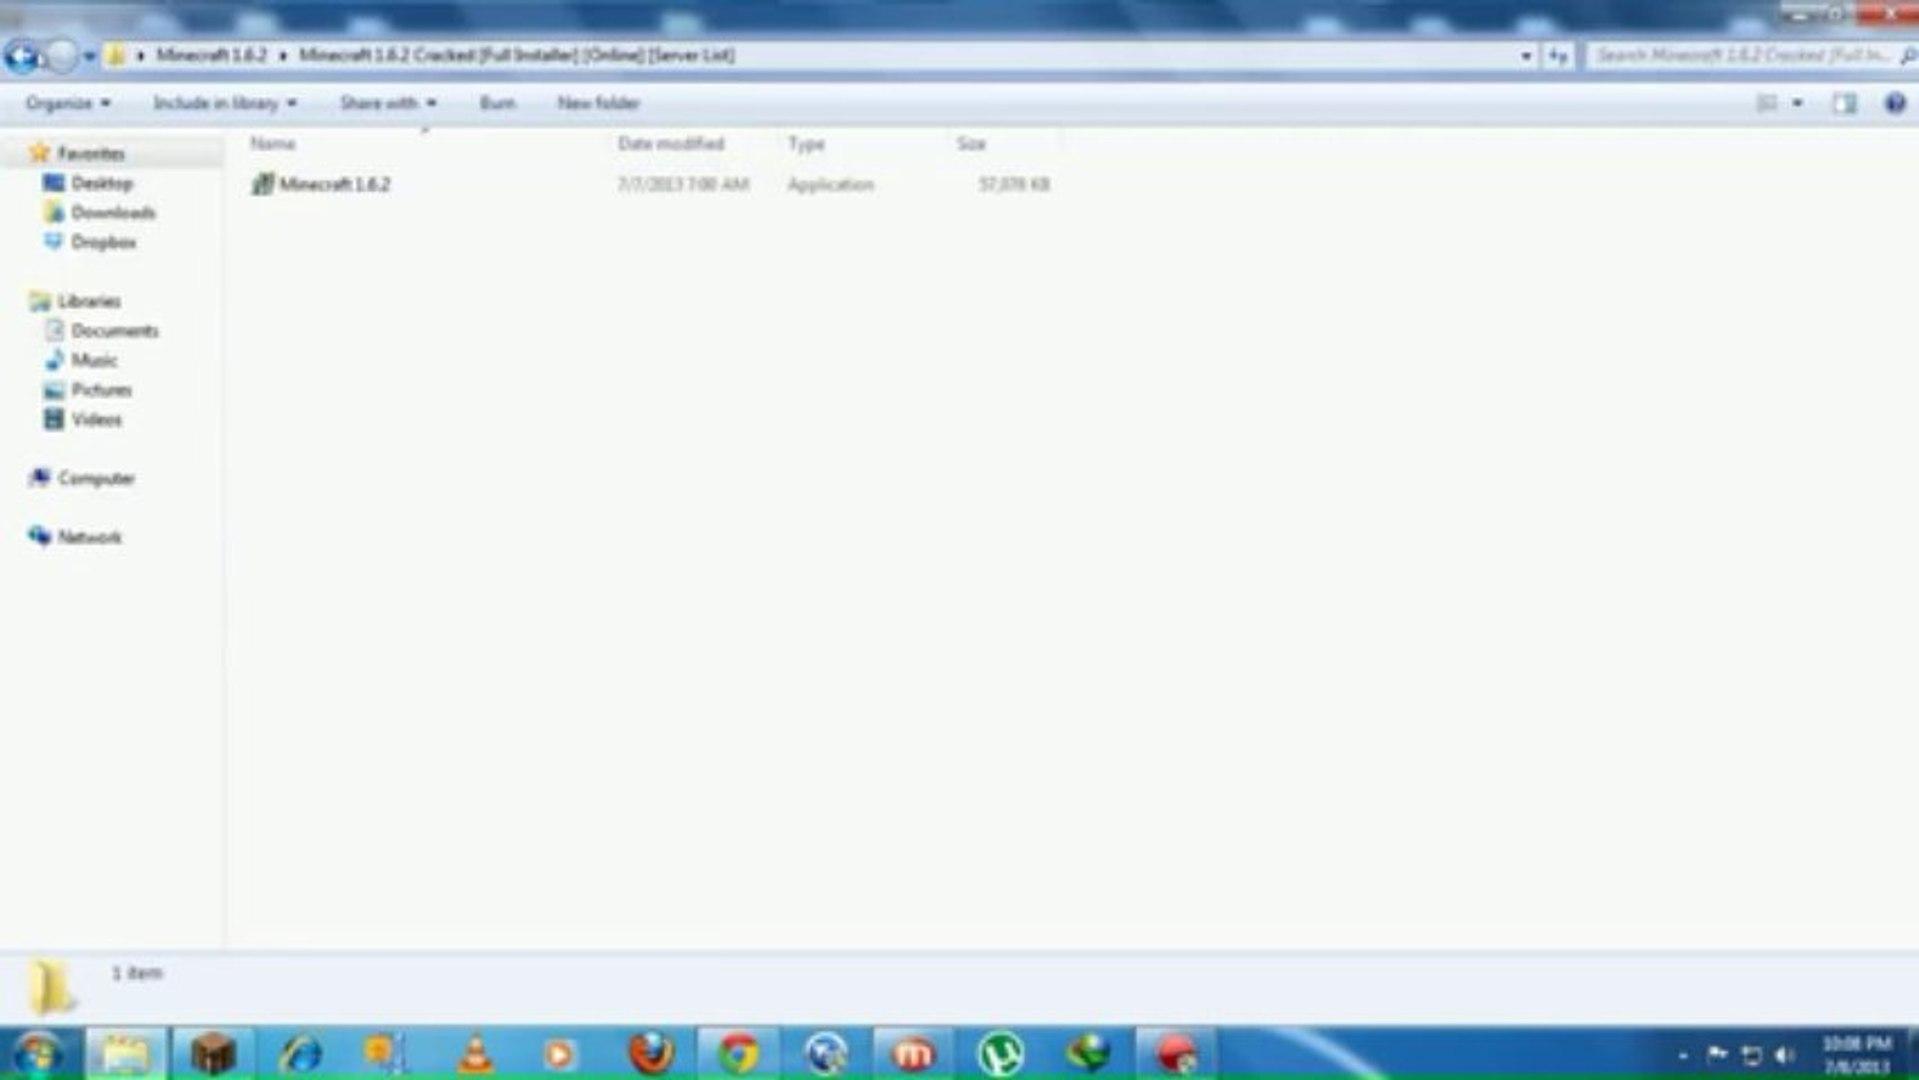 Lancher Updated Minecraft 1.6.2 Cracked Full Installer 889